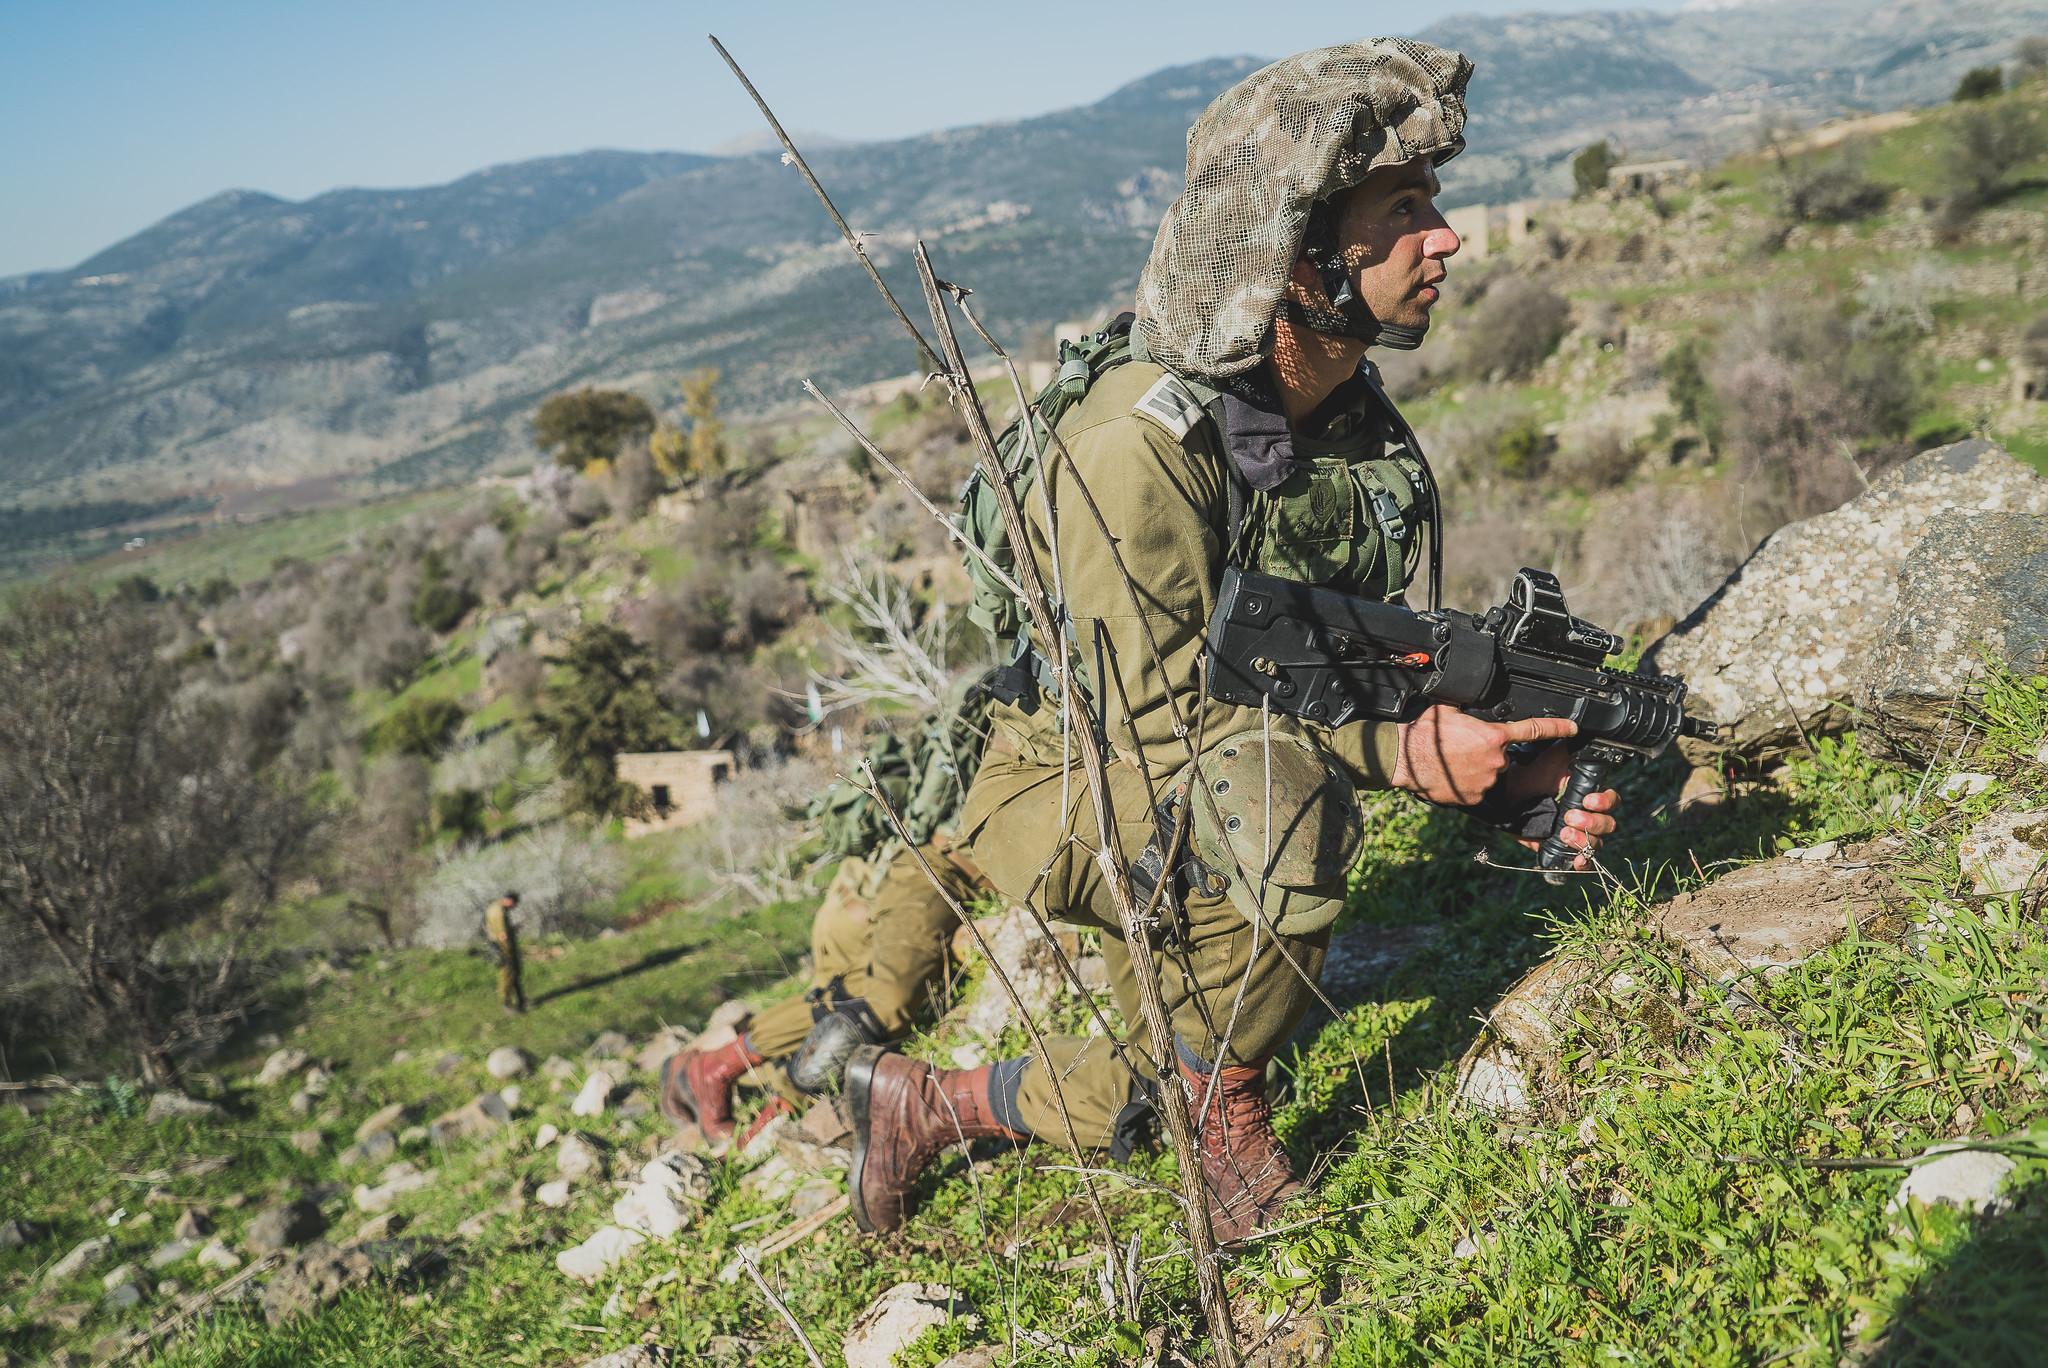 Jordánia, Izrael keleti bástyája Iránnal szemben